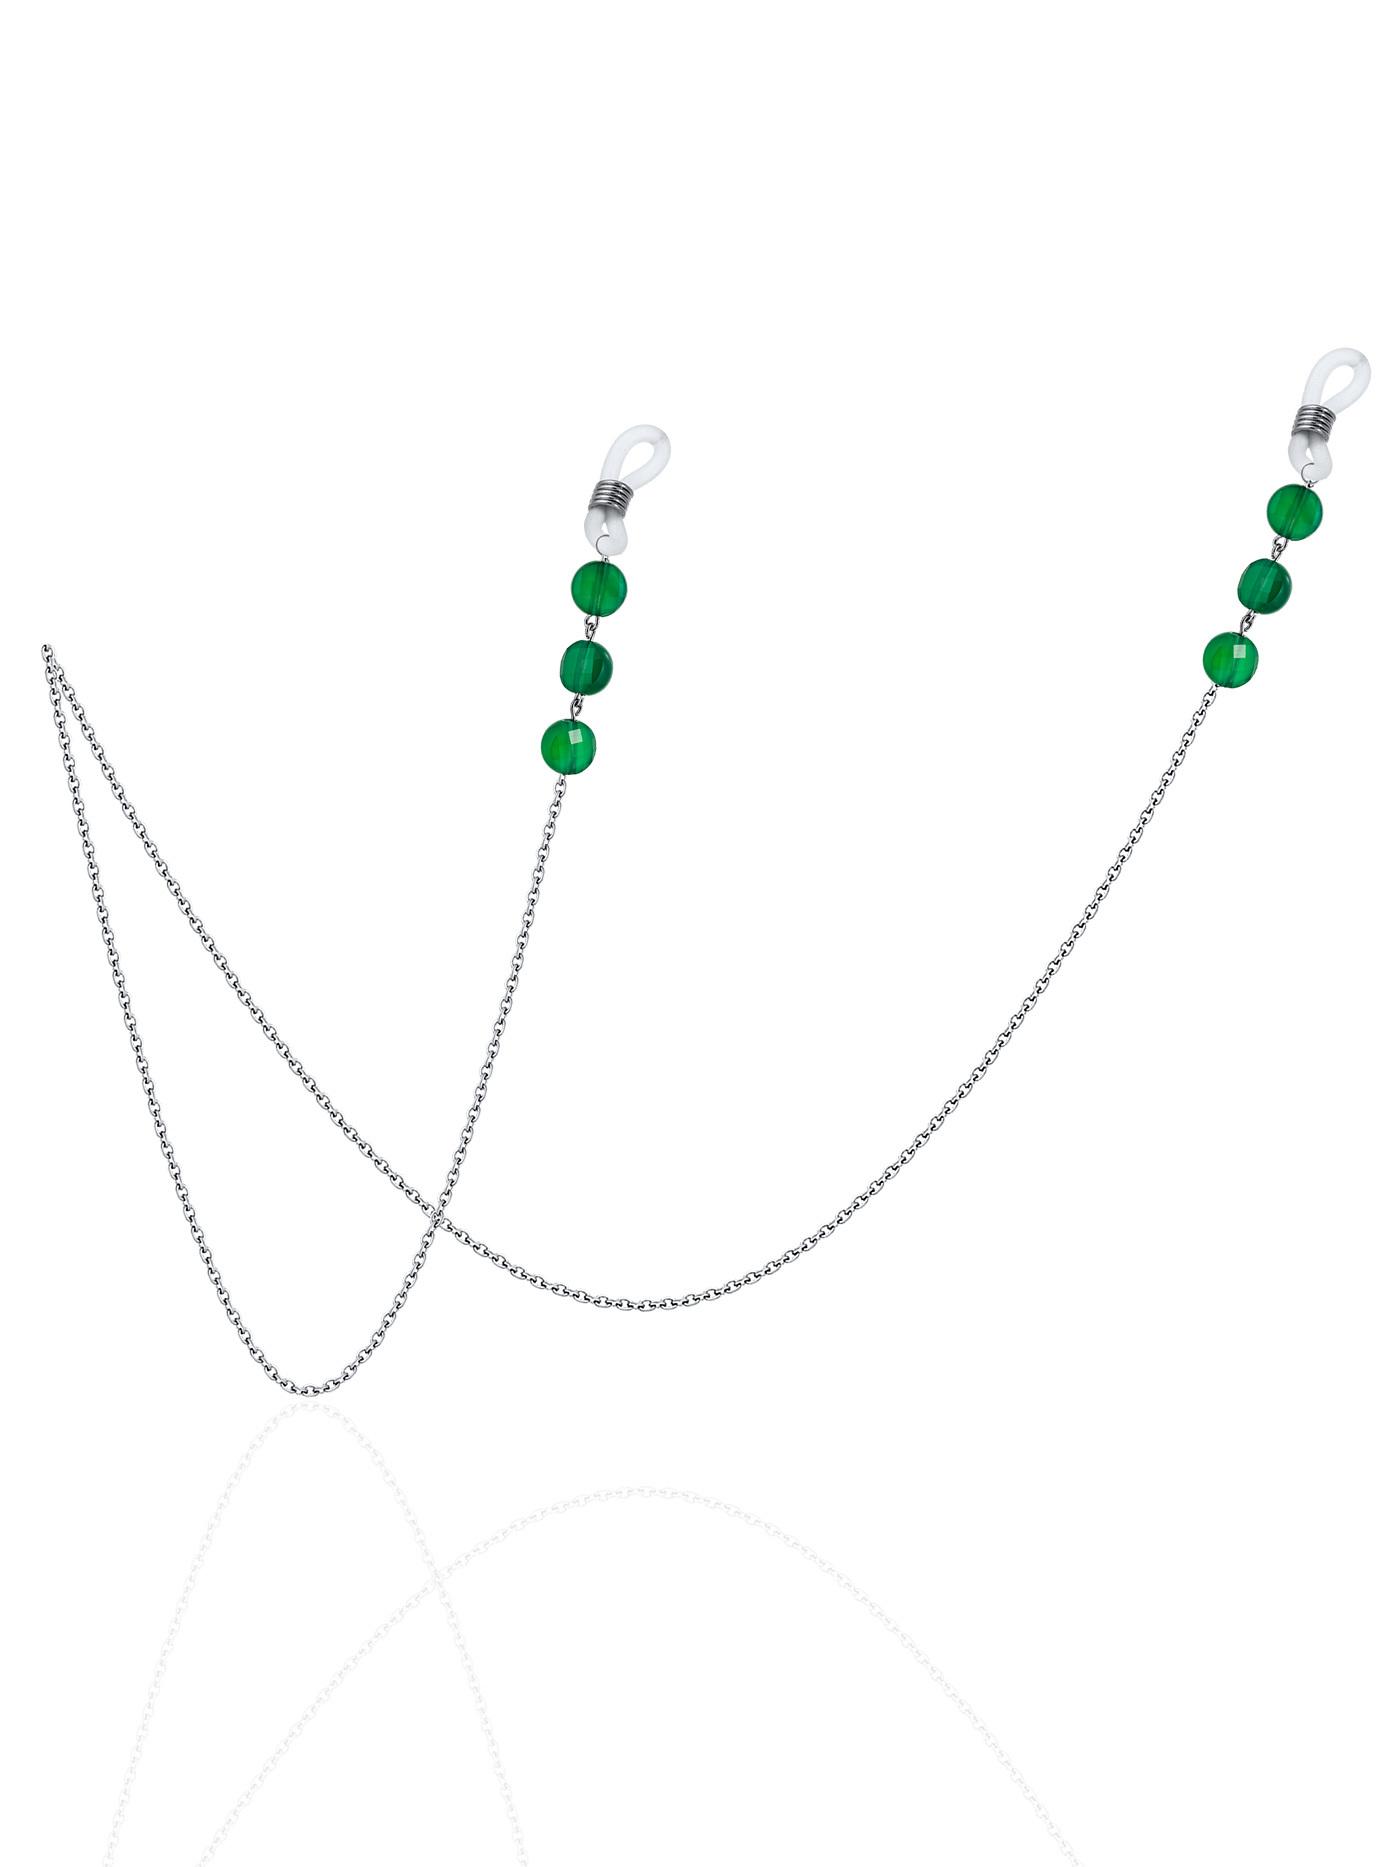 Цепочка для очков  с зеленым агатом